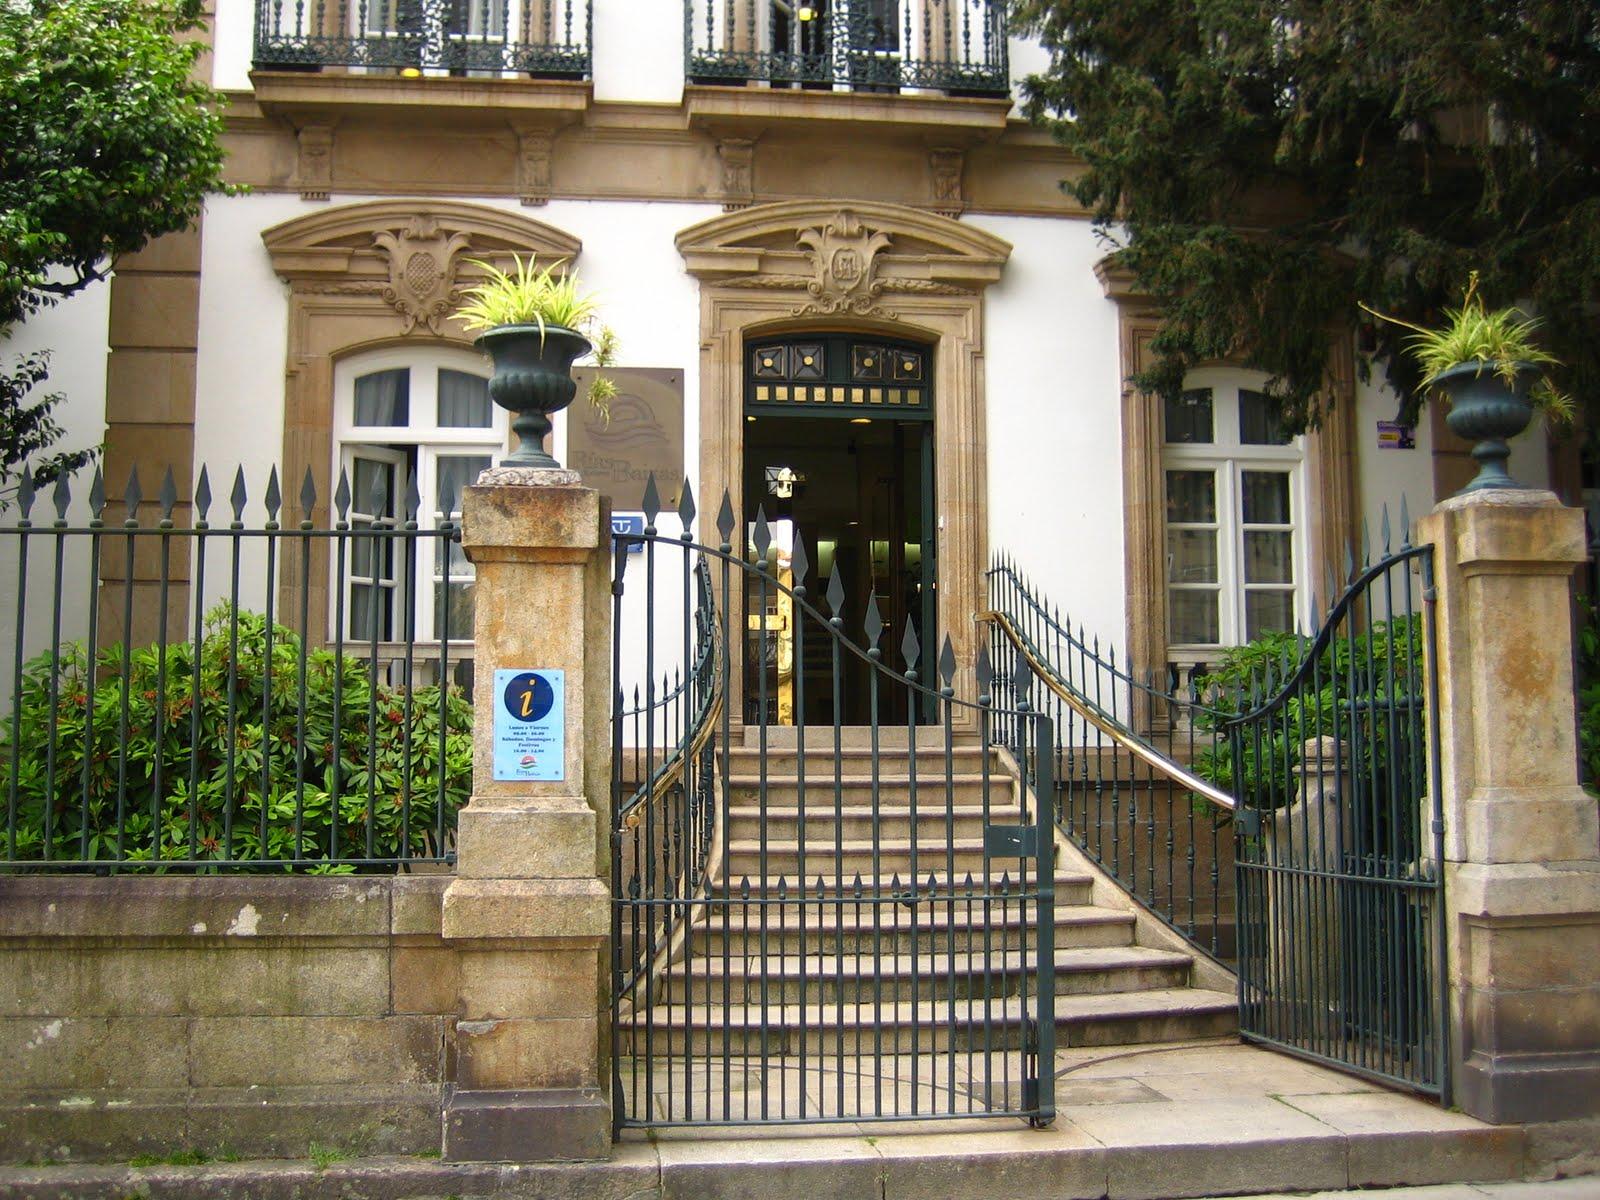 Las oficinas de turismo de Pontevedra marcan récords en recepción de turistas